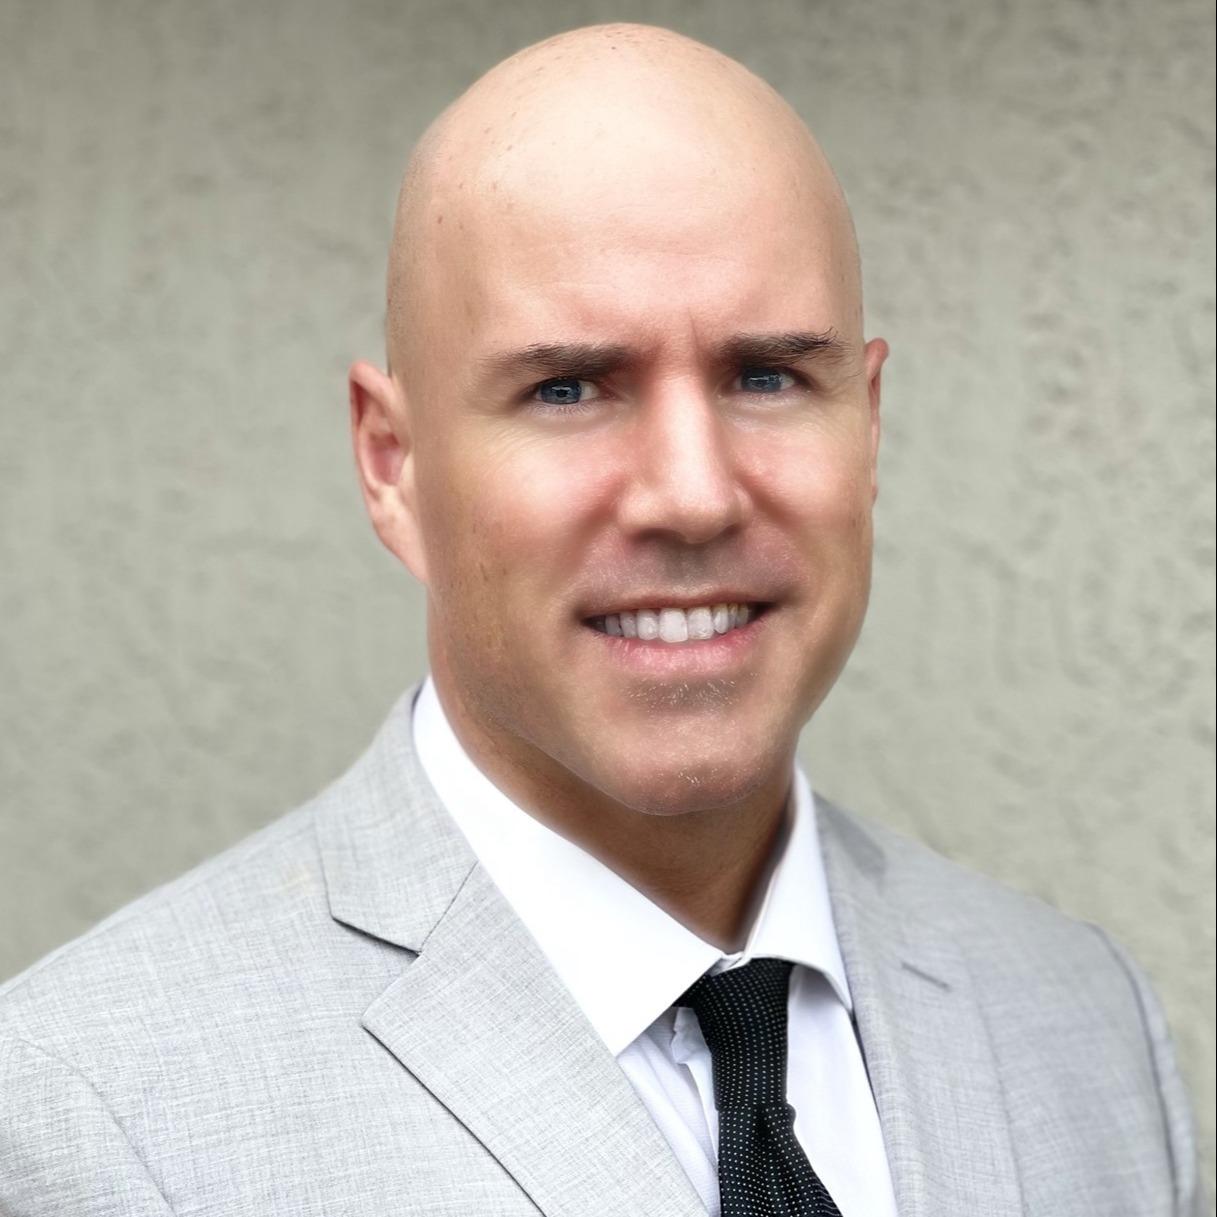 Jason Fradsham